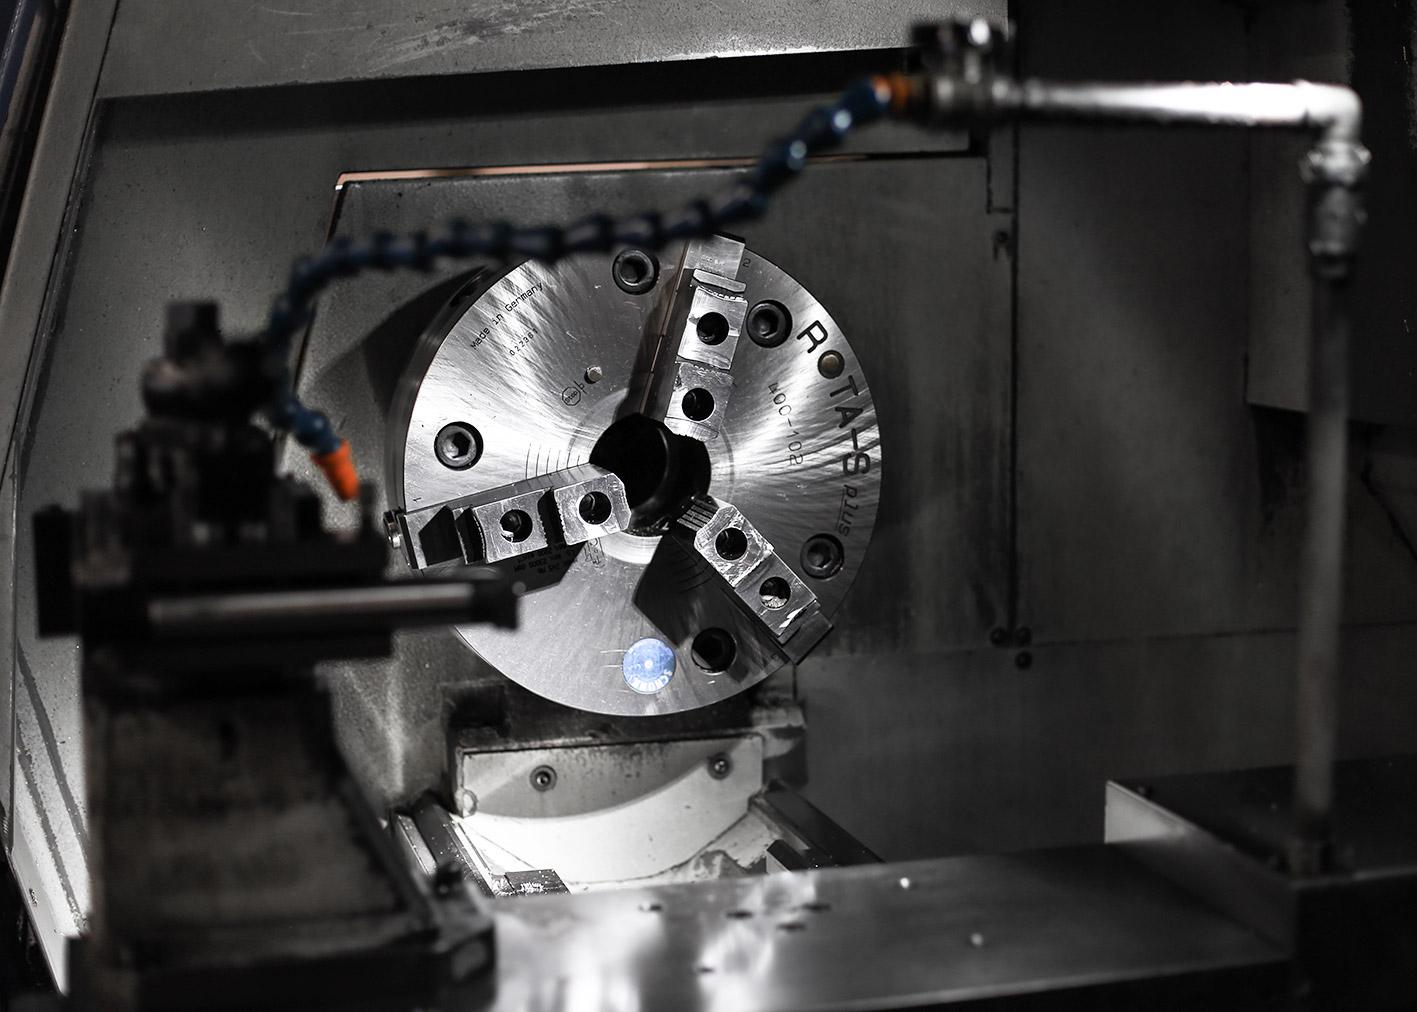 boehringer dus 630 tournage atelier reco mecanique valais salgesch